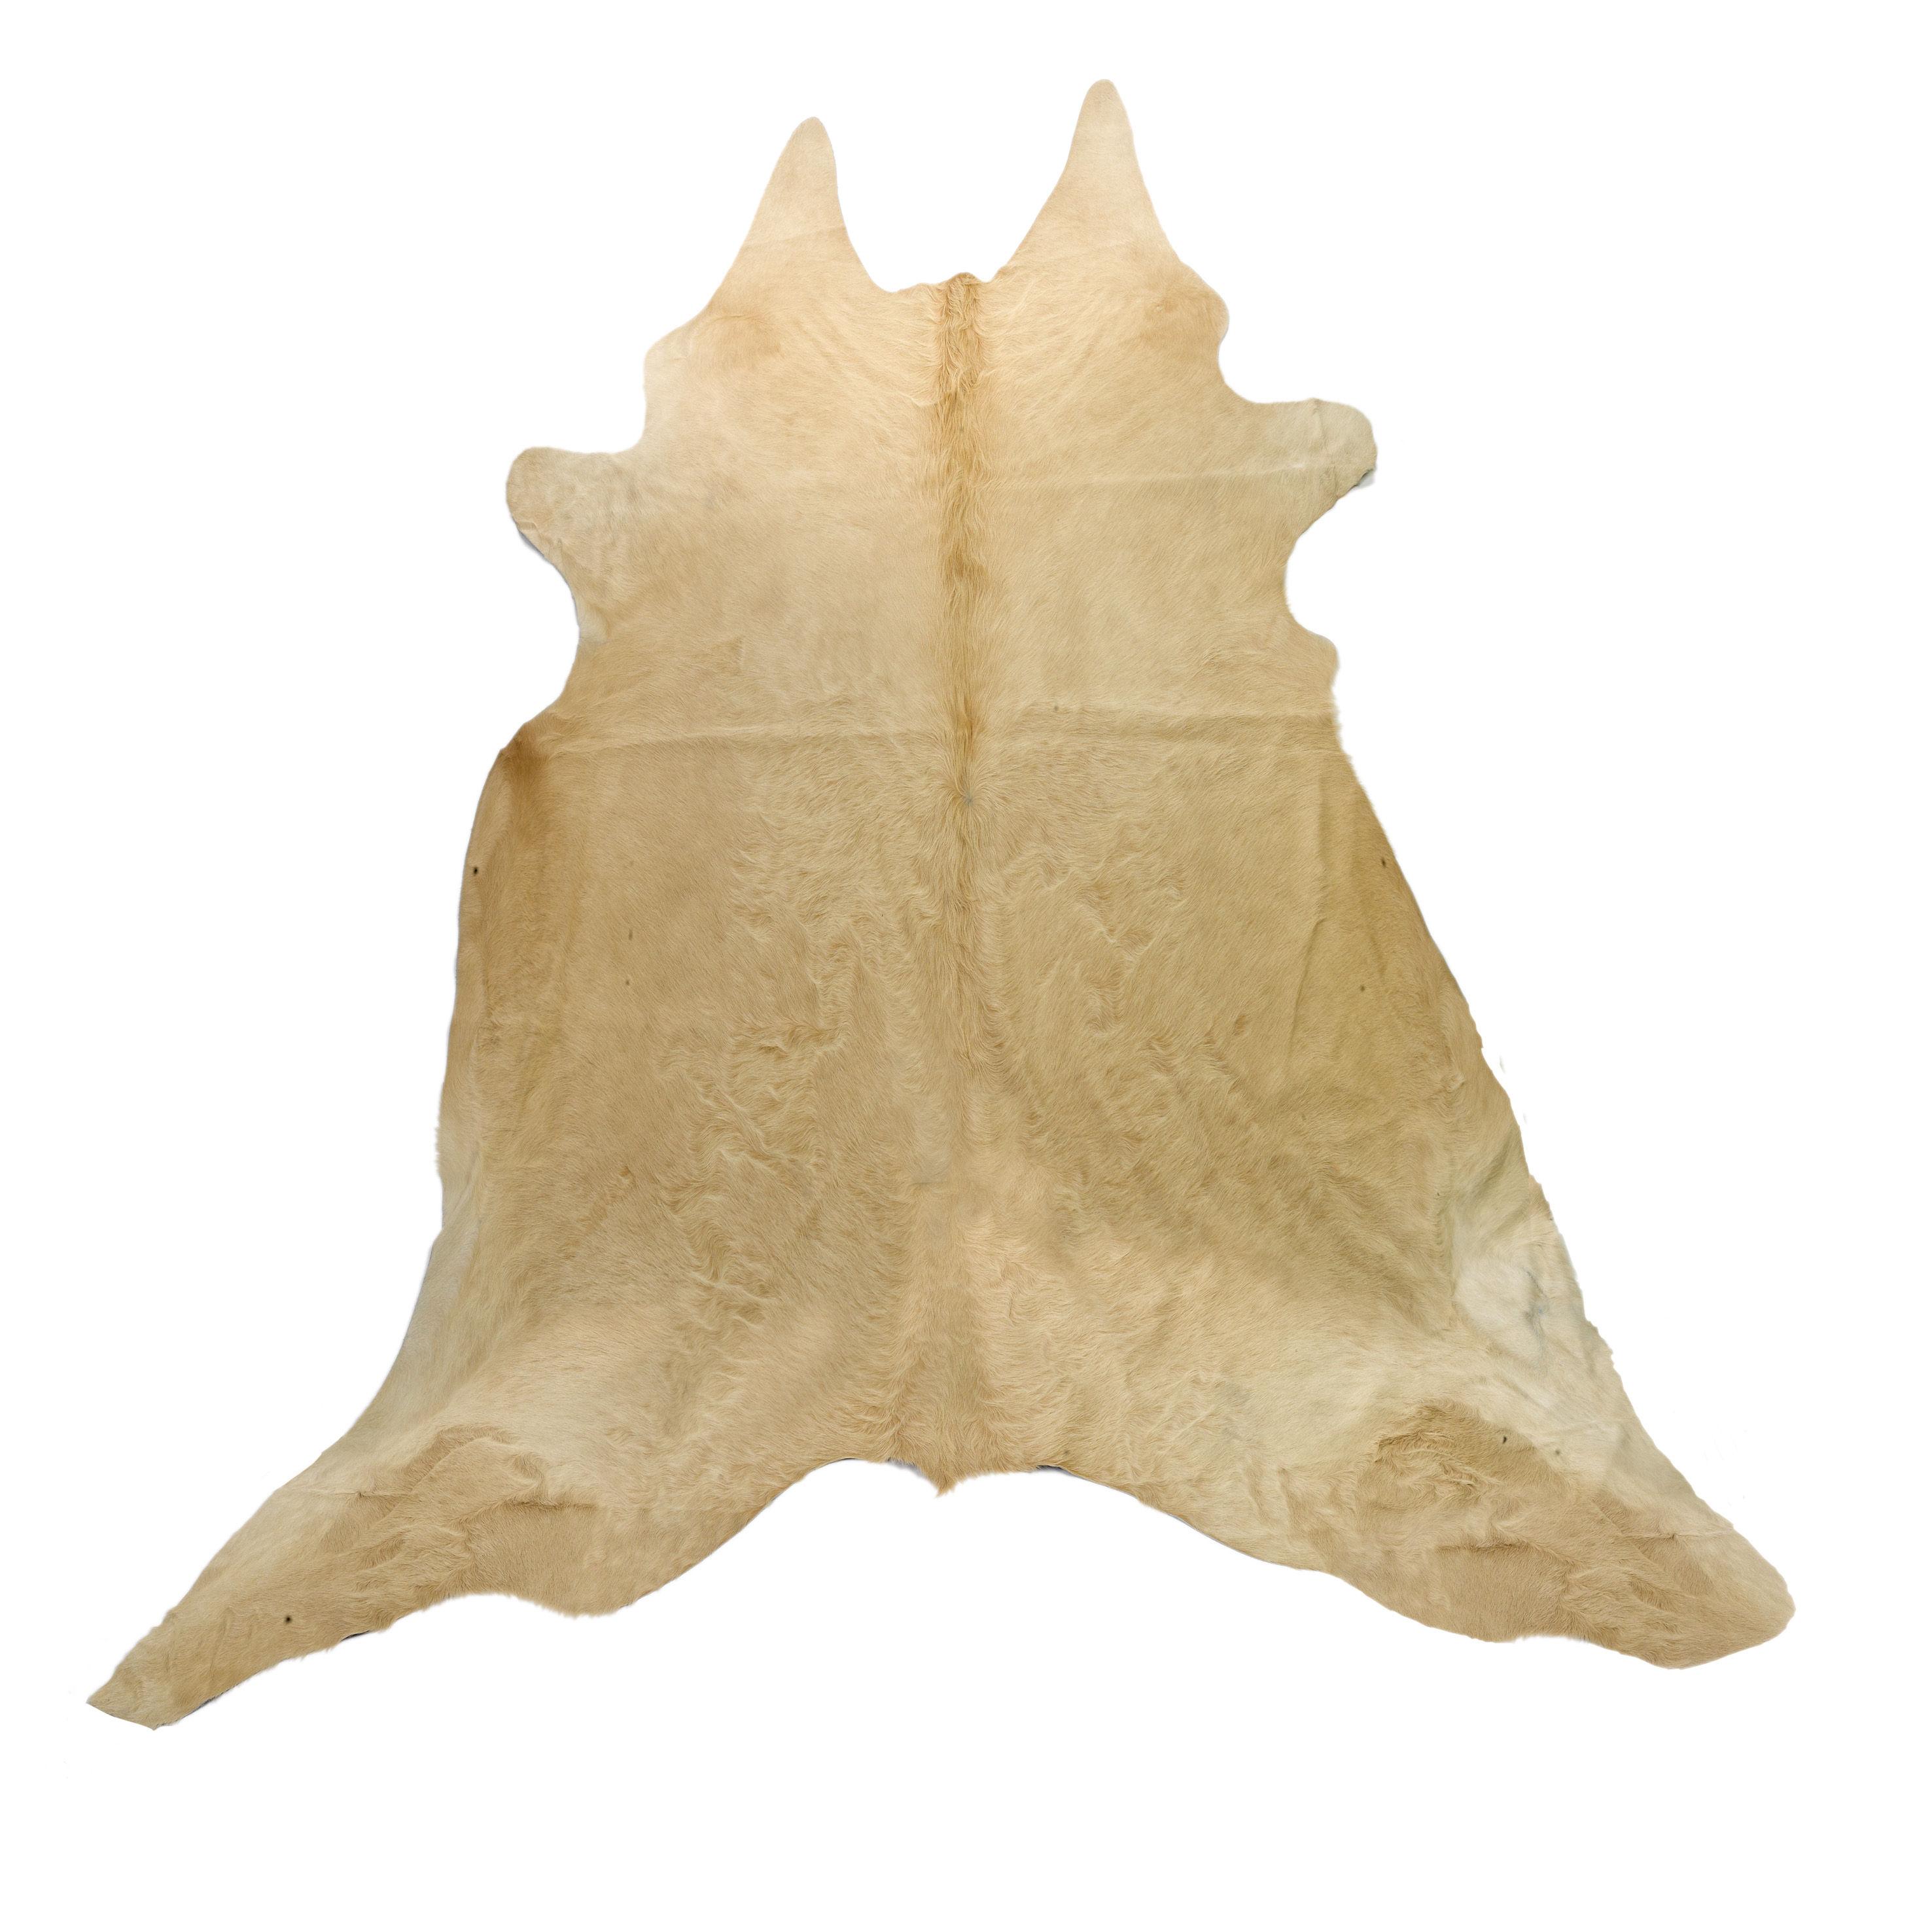 Déco - Tapis - Tapis Peau de vache véritable - 4 m2 - Pols Potten - Naturel - Peau de vache naturelle